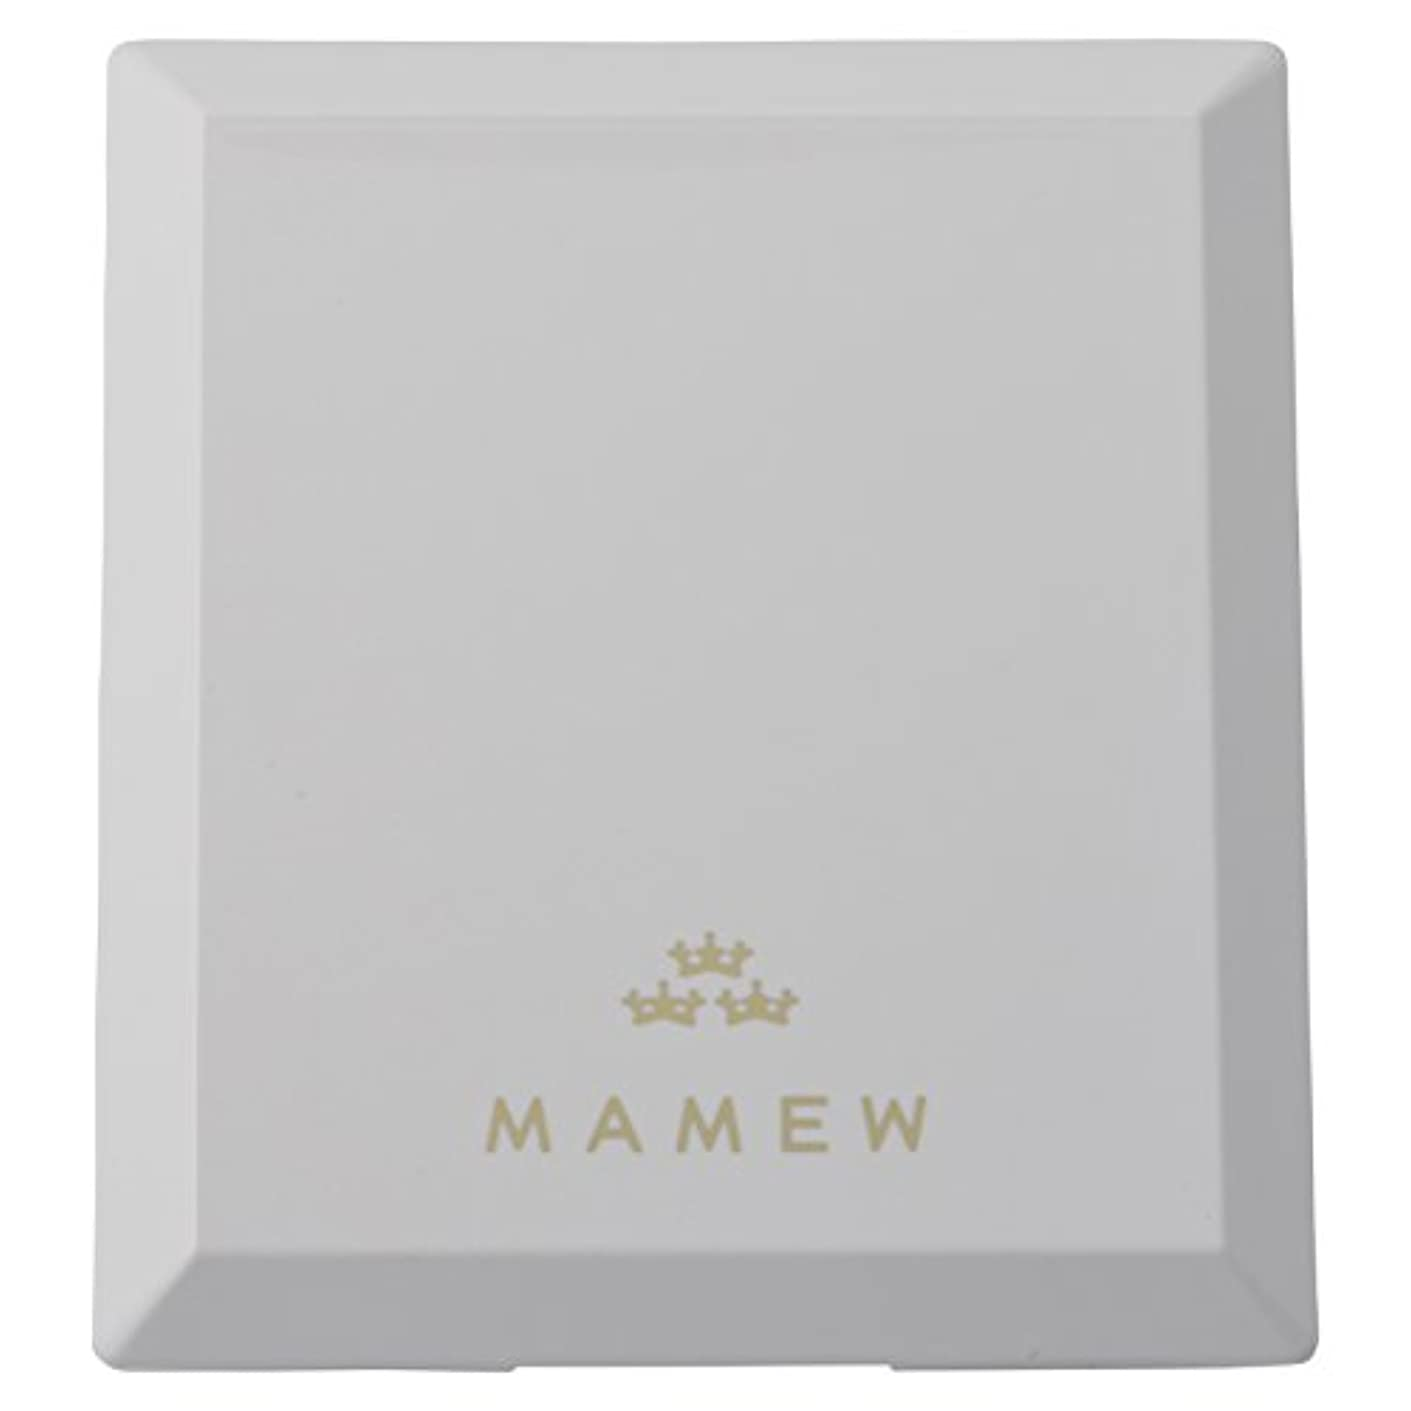 寄り添う一瞬応答MAMEW(マミュ) カラーコレクションケース-メイクパレッド 鏡付き